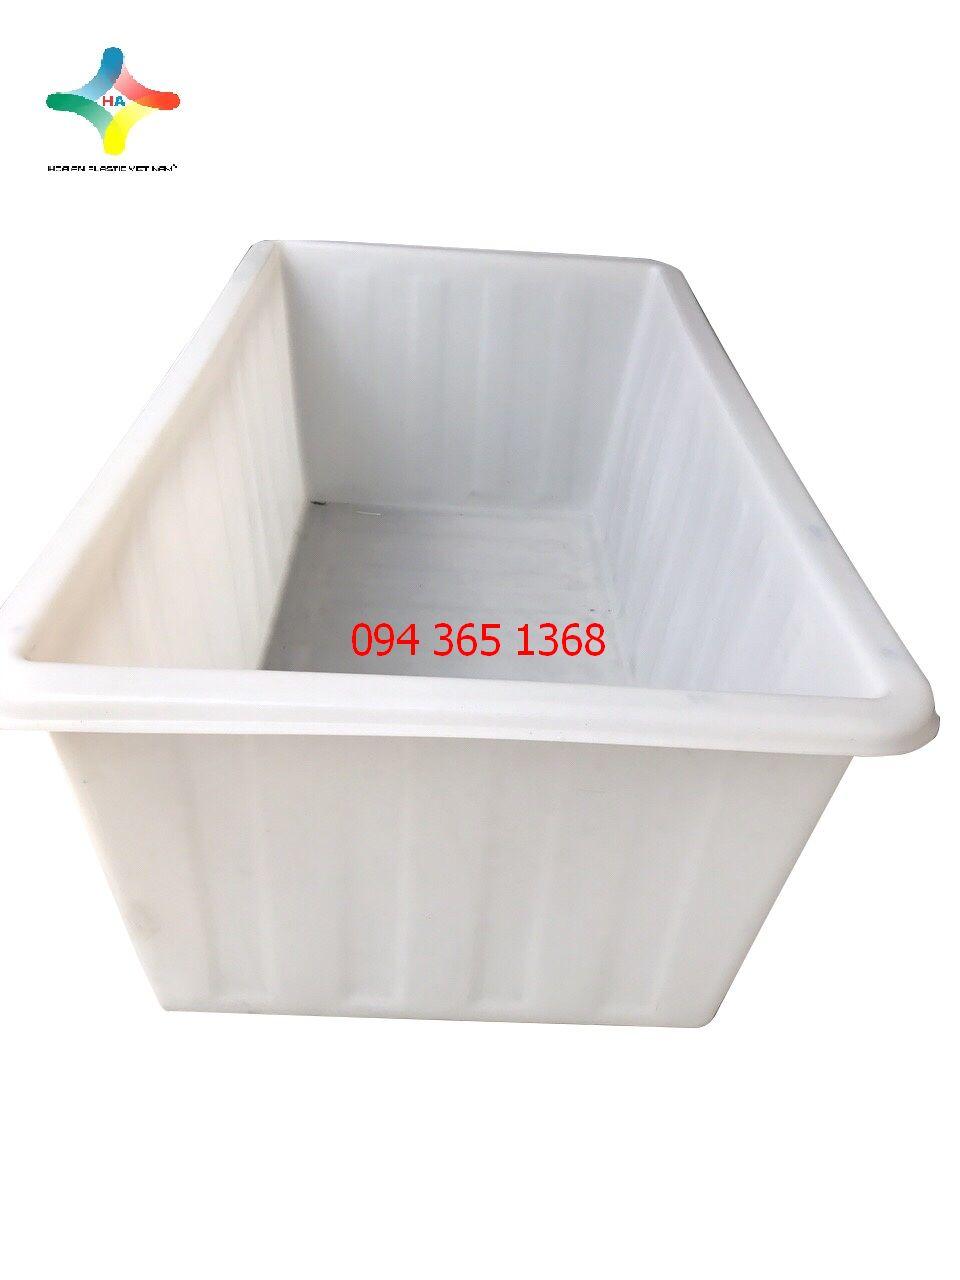 Thùng nhựa chữ nhật dung tích 1000L